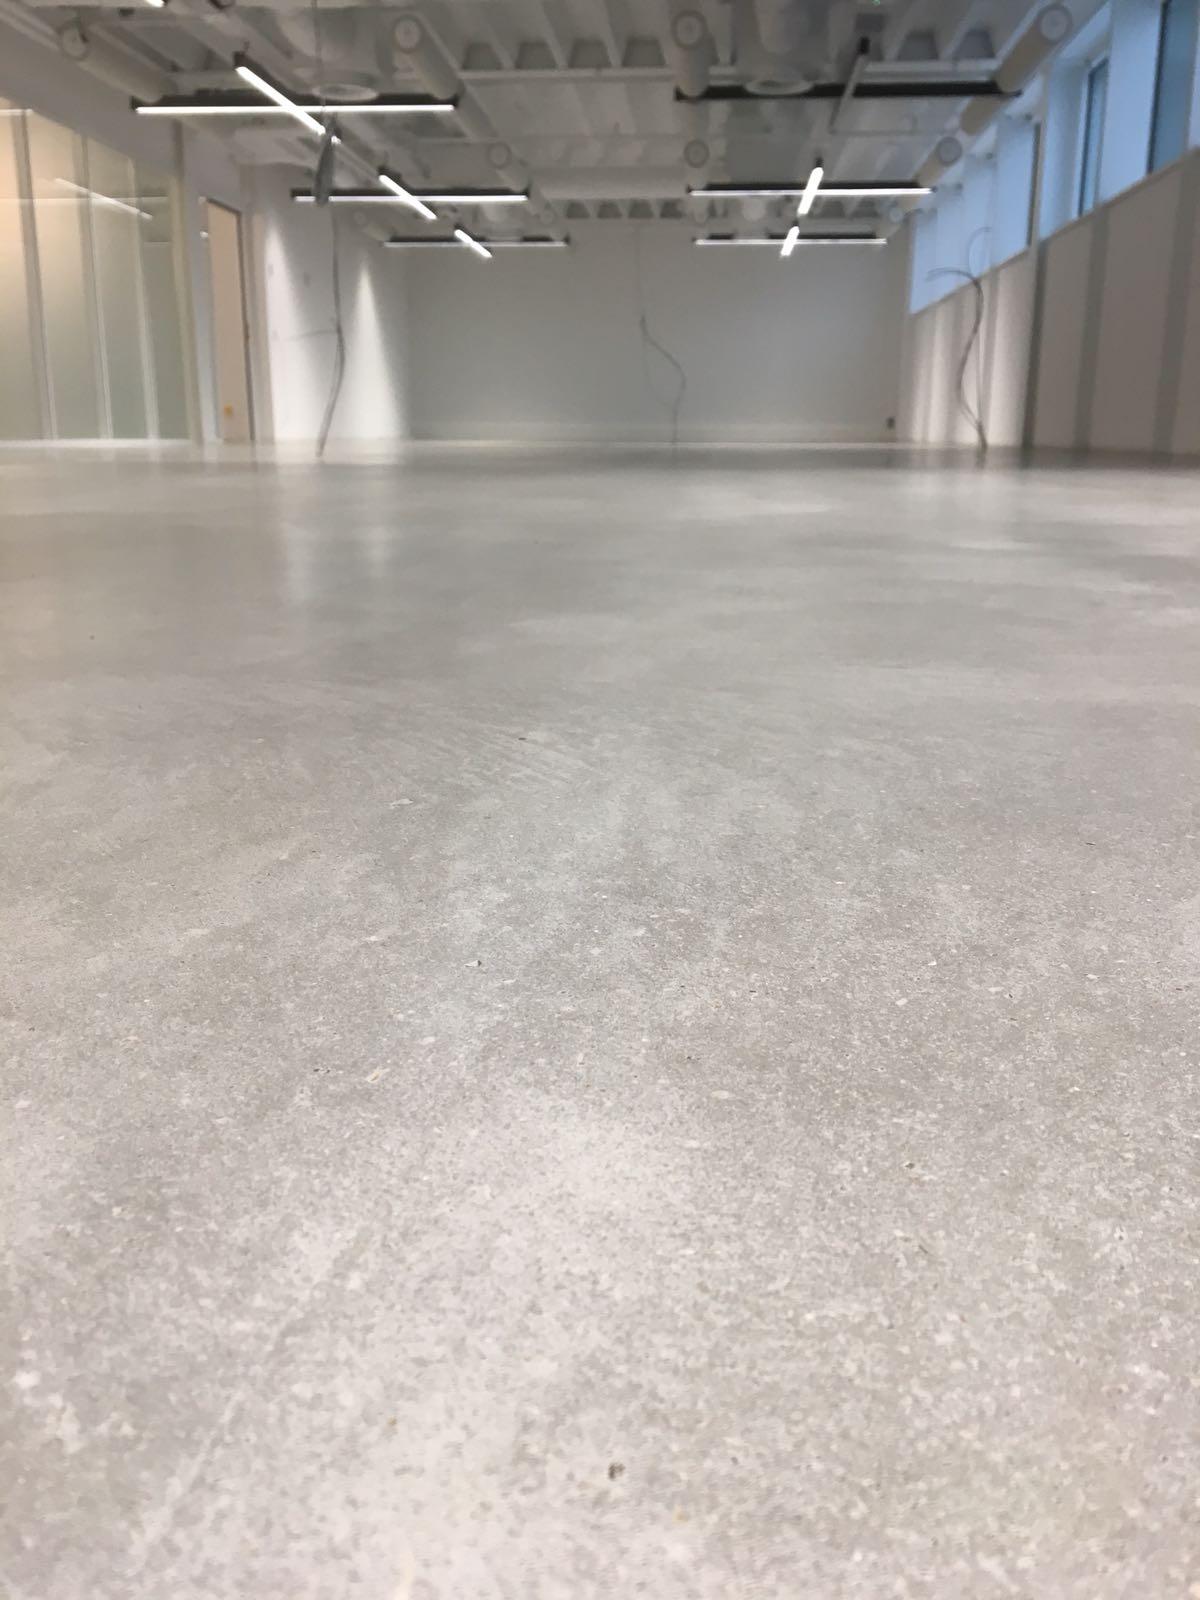 verregende betonvloer polijsten